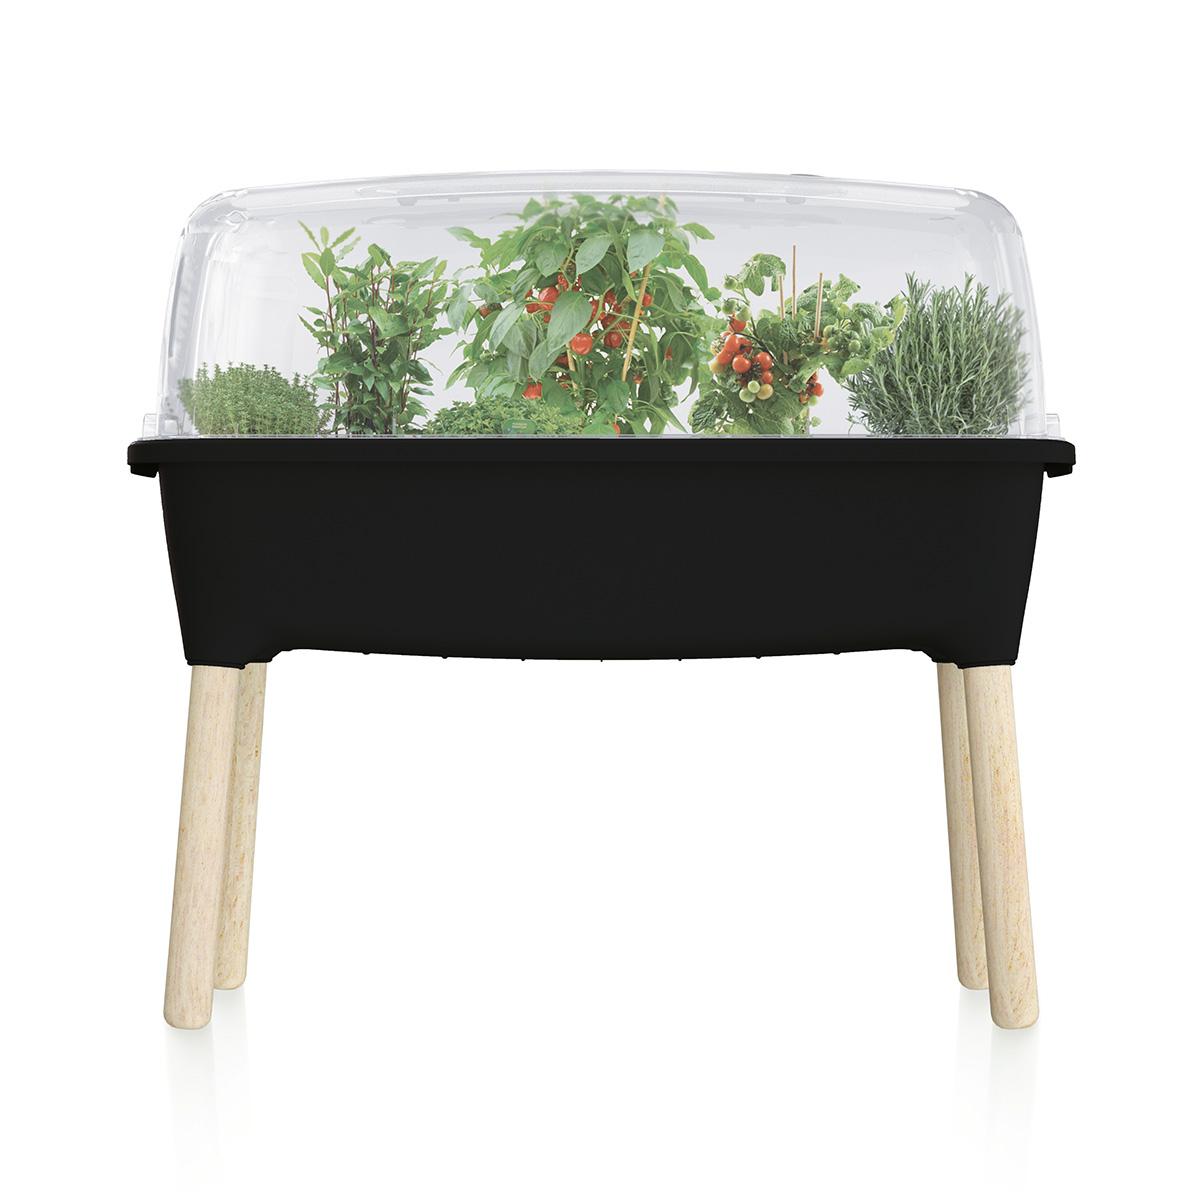 Potager serre en plastique noir avec pieds en bois